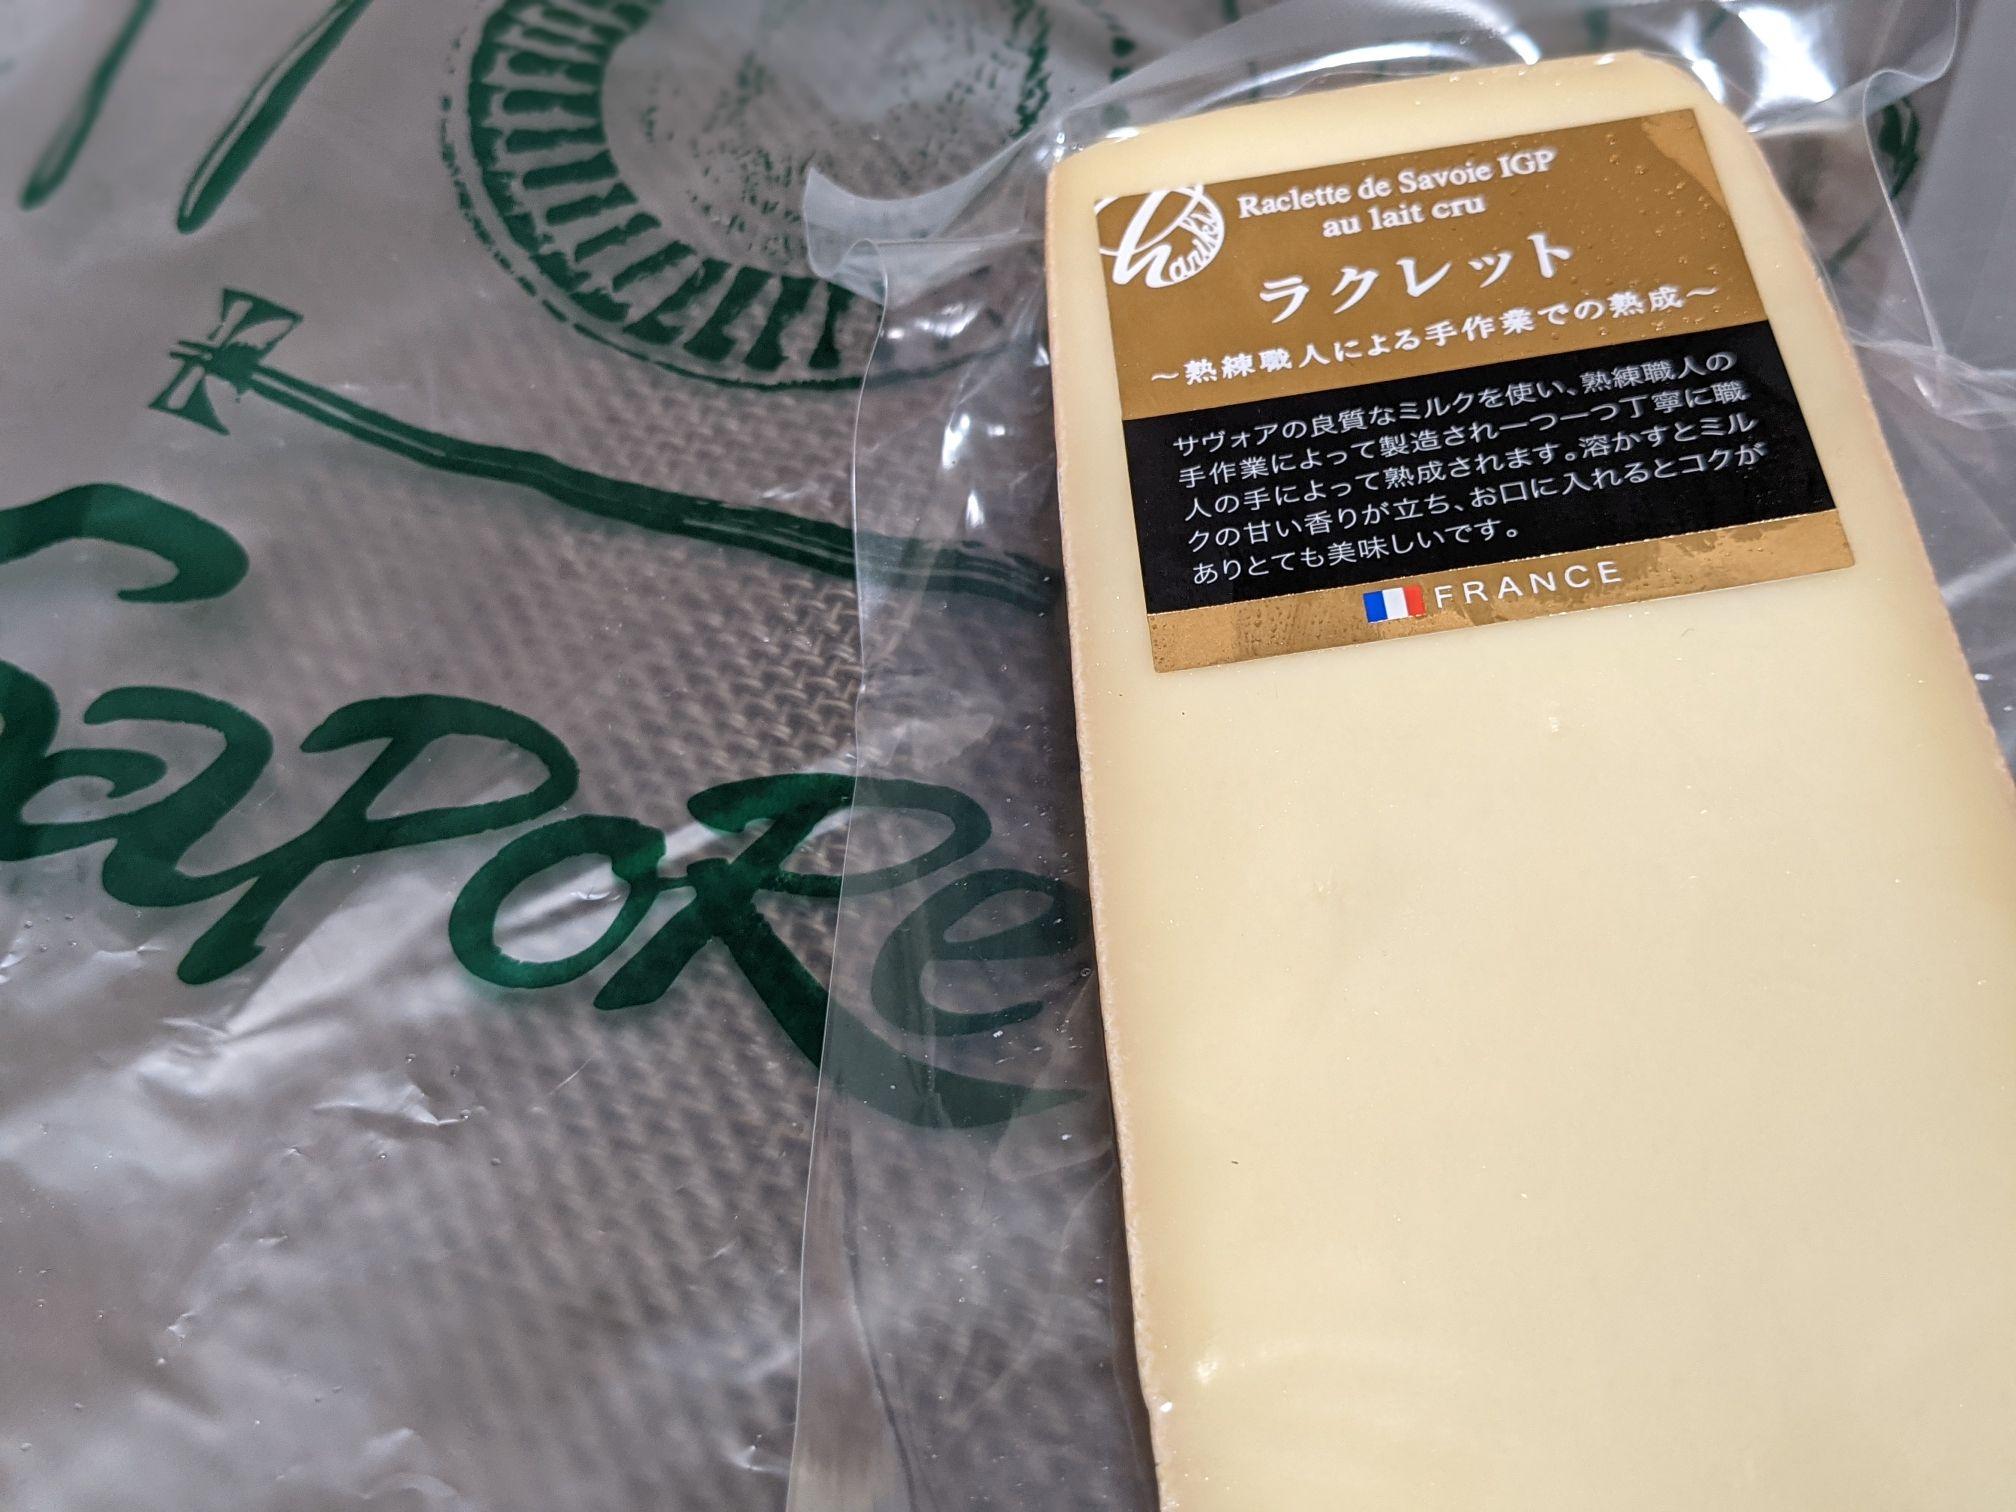 サポーレのラクレットチーズ